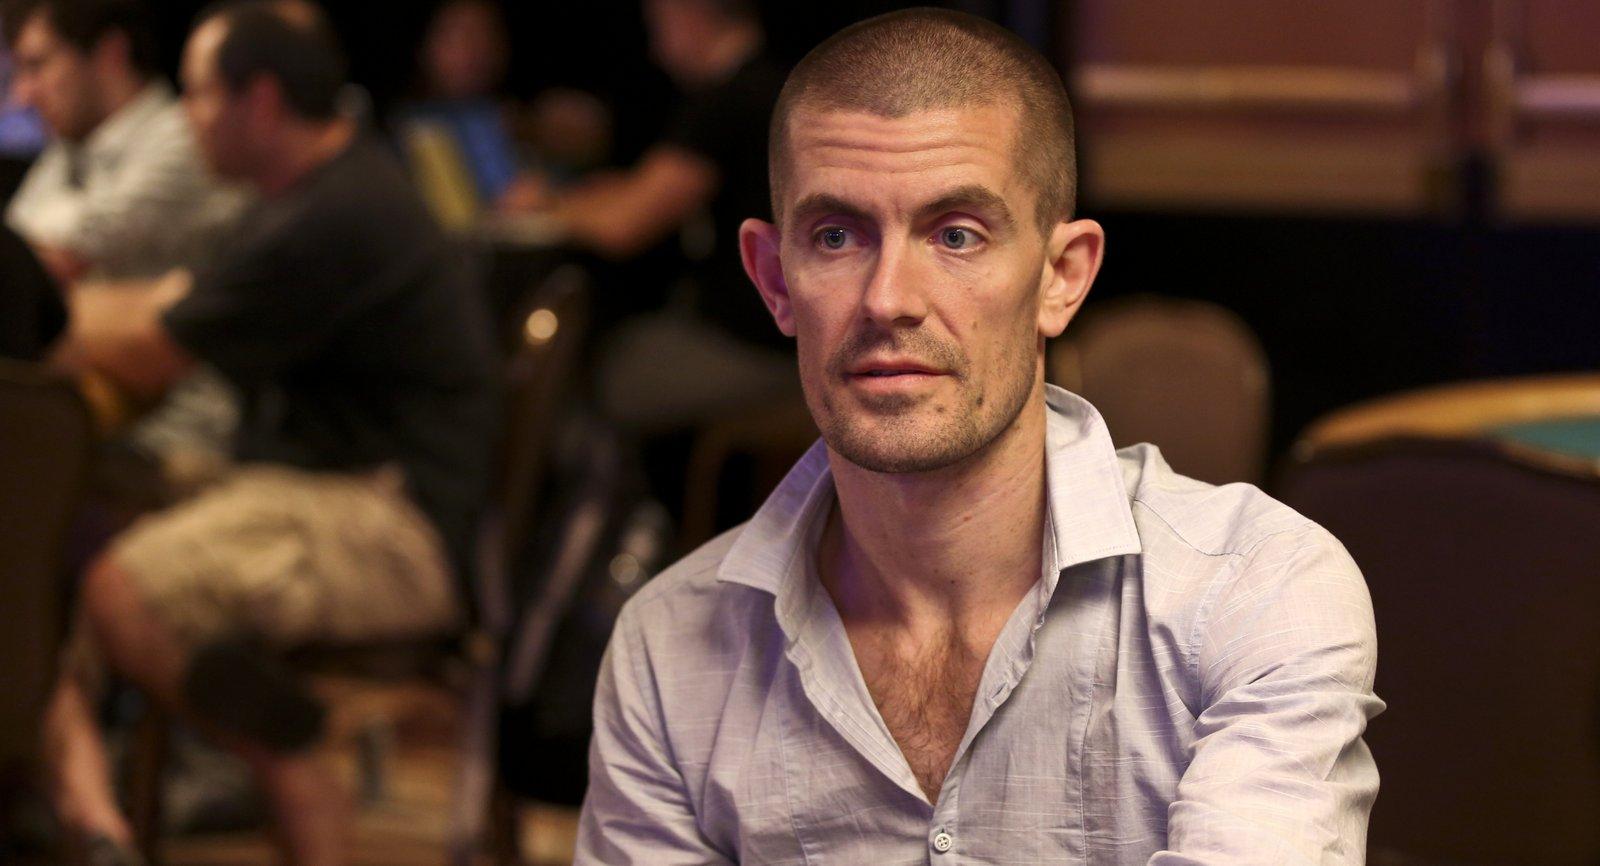 Гус Хансен: «Покеристы в 2016 году намного-намного сильнее, чем были в 2003»